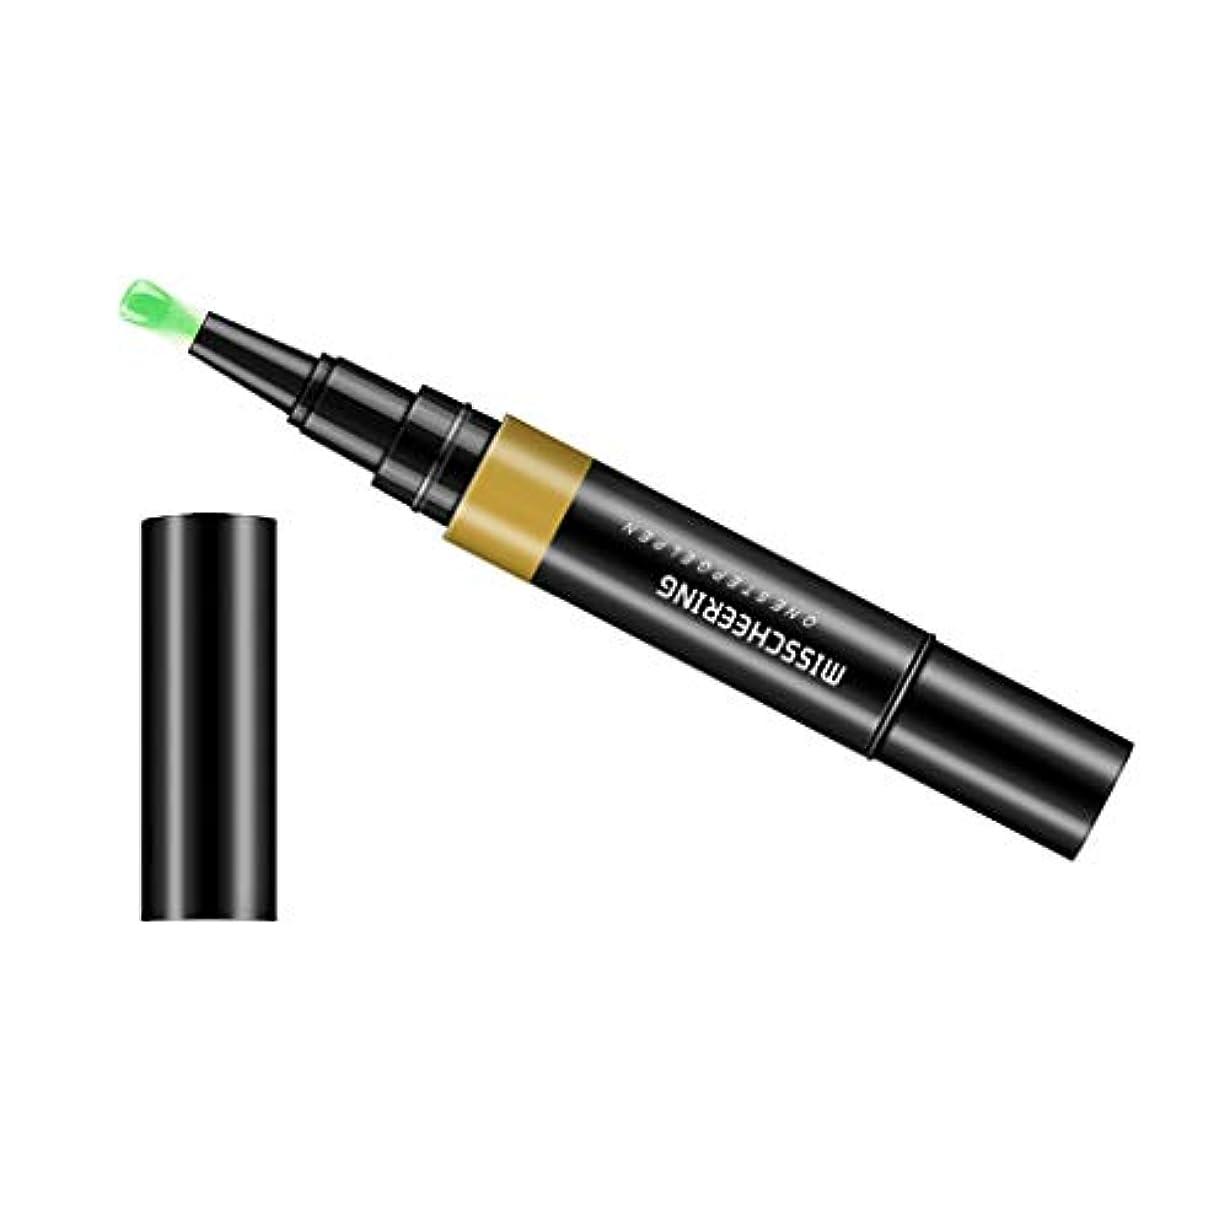 治すパイわなToygogo ジェル マニキュアペン ワニスラッカー ネイルアートペン 3 イン 1 サロン 初心者 セルフネイル DIY - グリーン